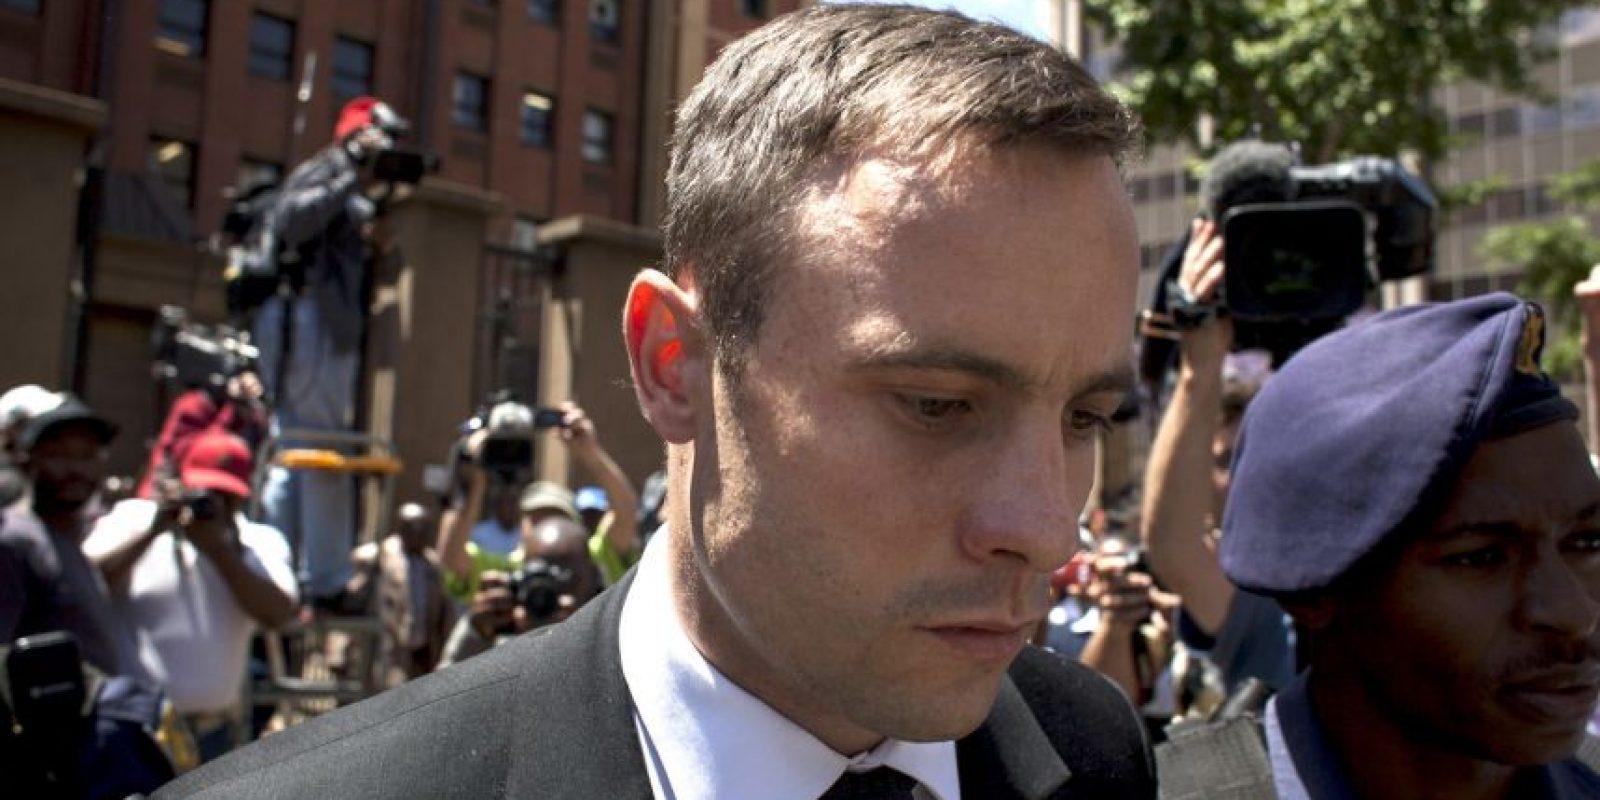 El atleta siempre declaró que disparó al creer que se trataba de un intruso Foto:Getty Images